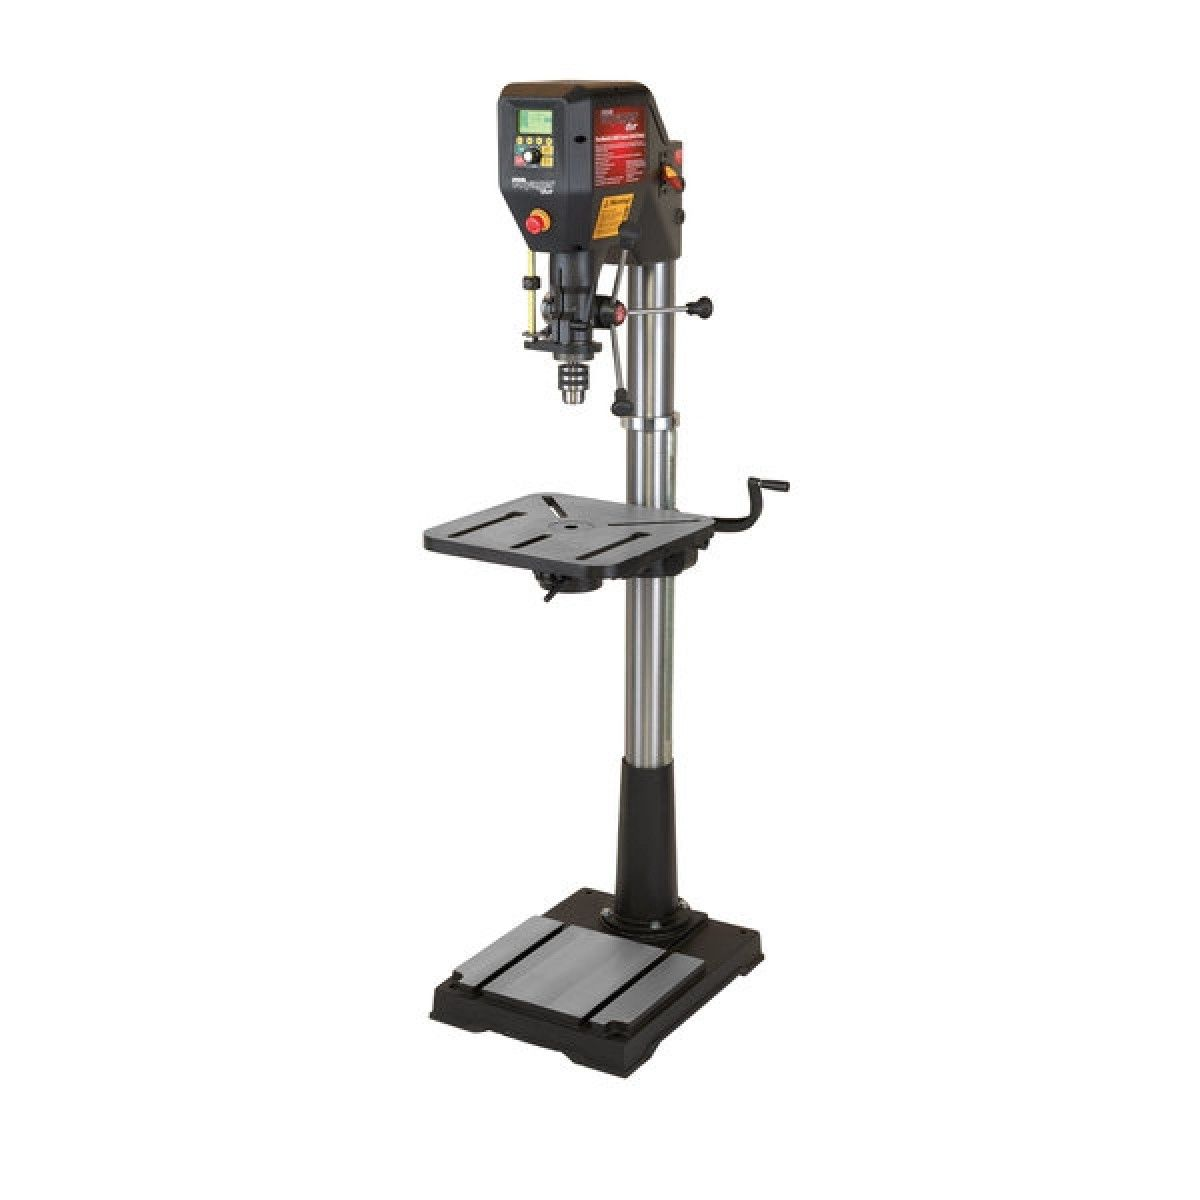 hight resolution of teknatool nova voyager dvr drill press drill press manual outdoor power equipment stuff